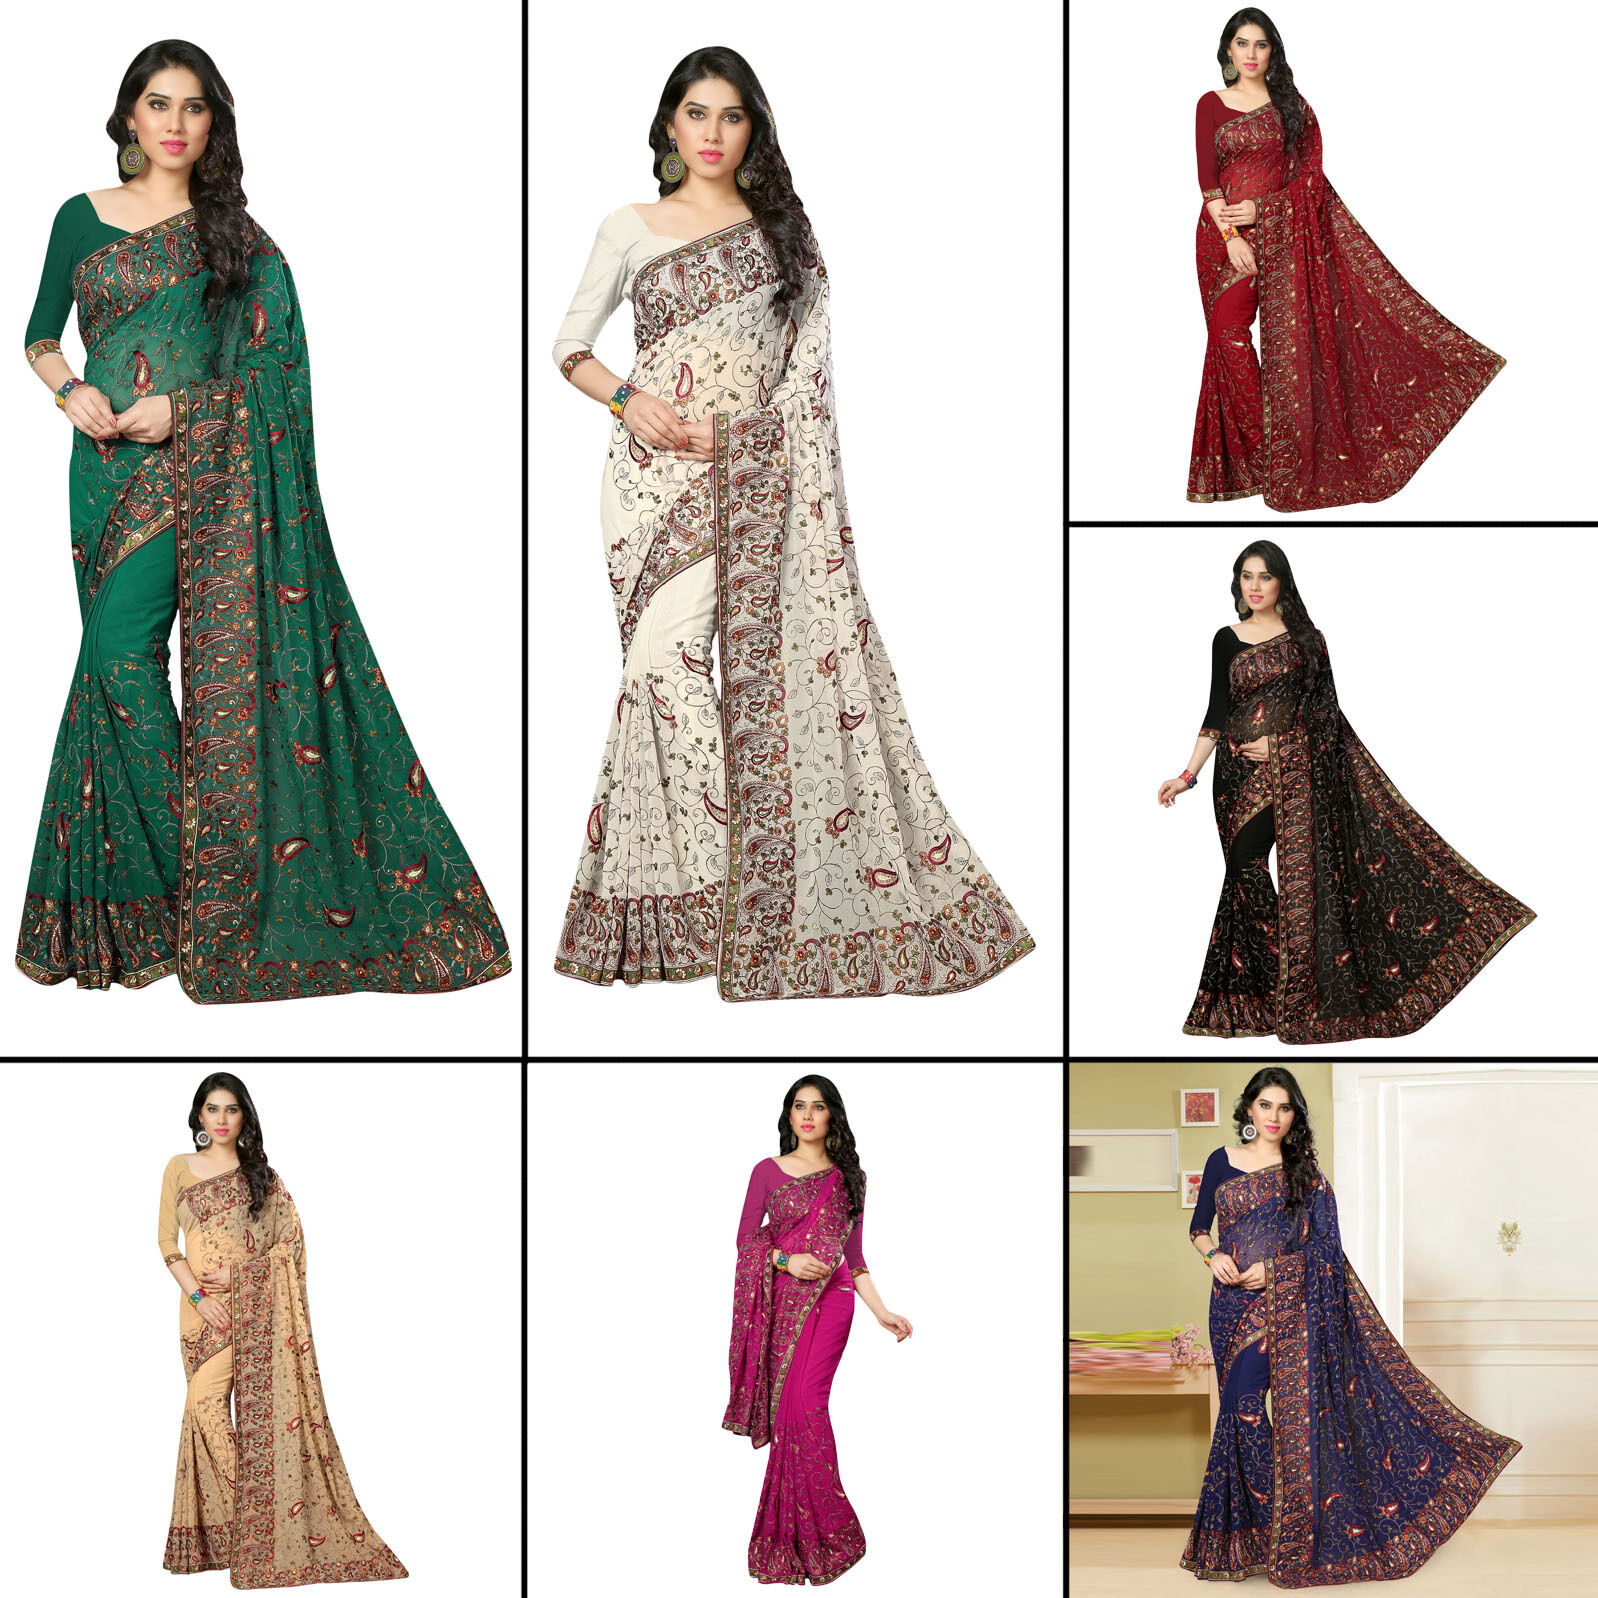 Frauenpartei Bollywood bestickt schwarz Sari Saree mit gelöste Bluse tragen